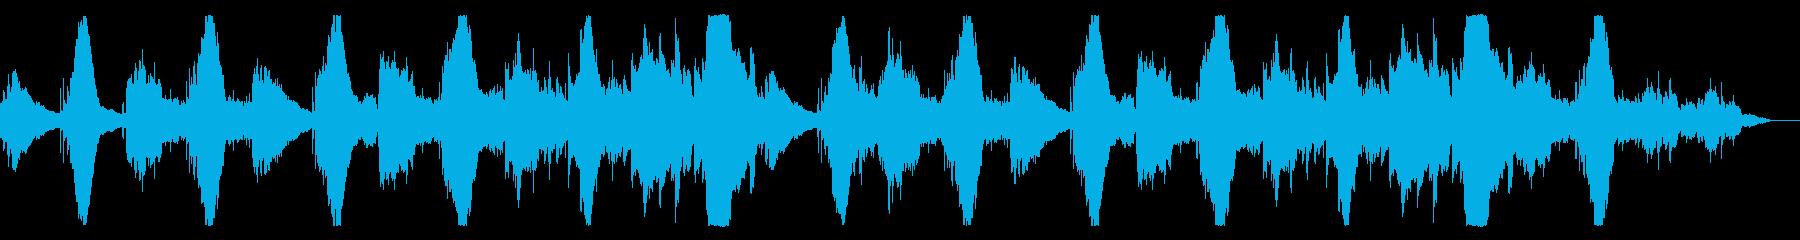 ギターのアルペジオが美しいバラードの再生済みの波形